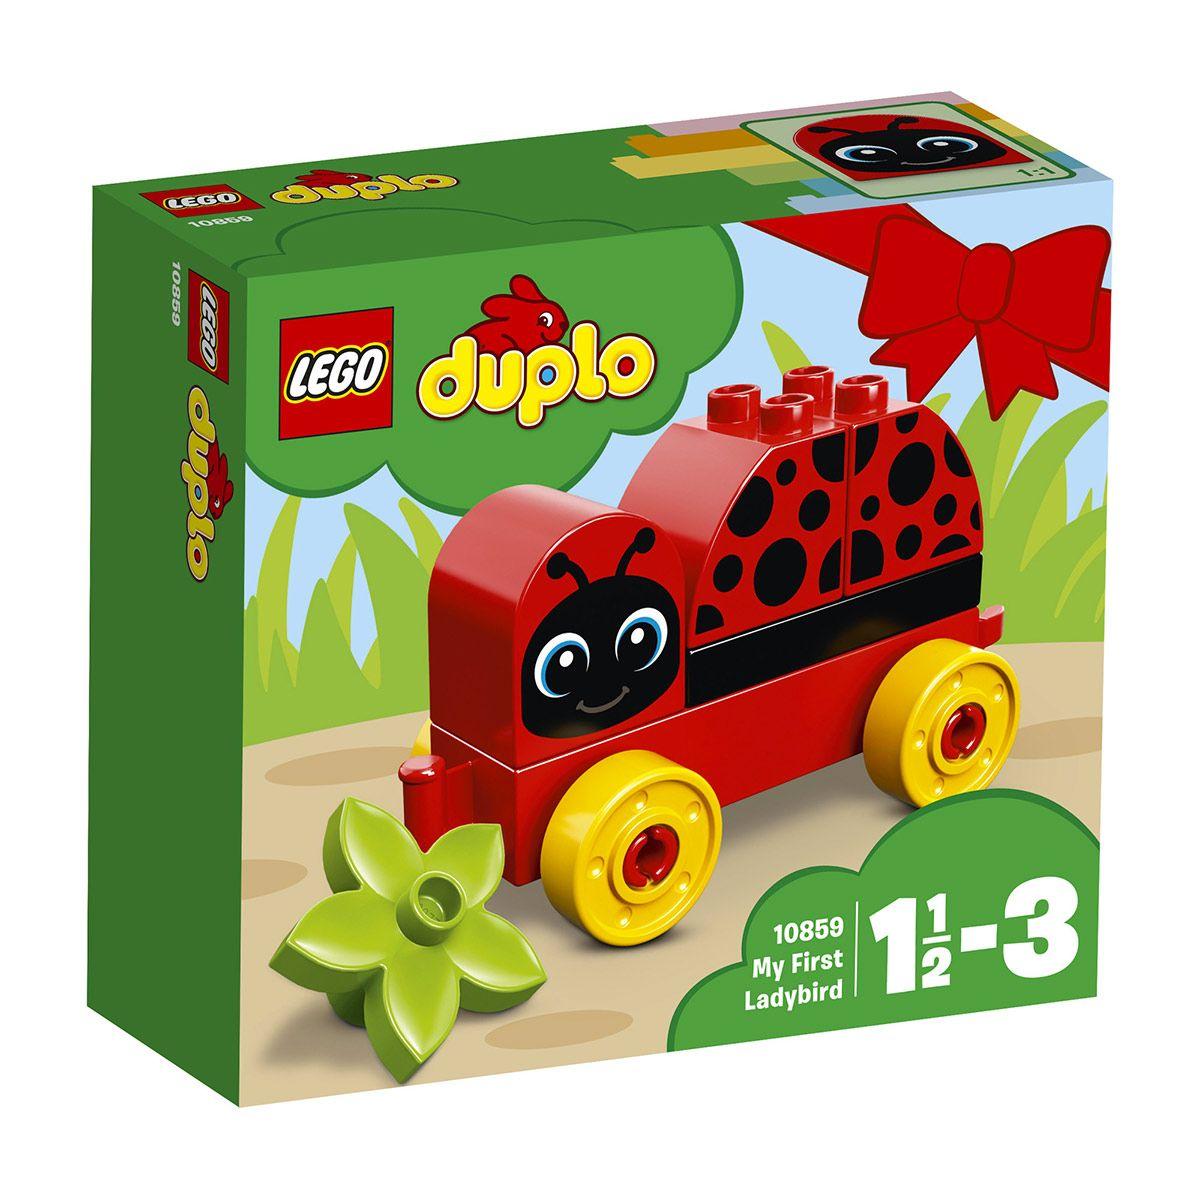 Ma Lego Grande Première De Duplo Jeux Coccinelle Construction La NwnP8k0OX